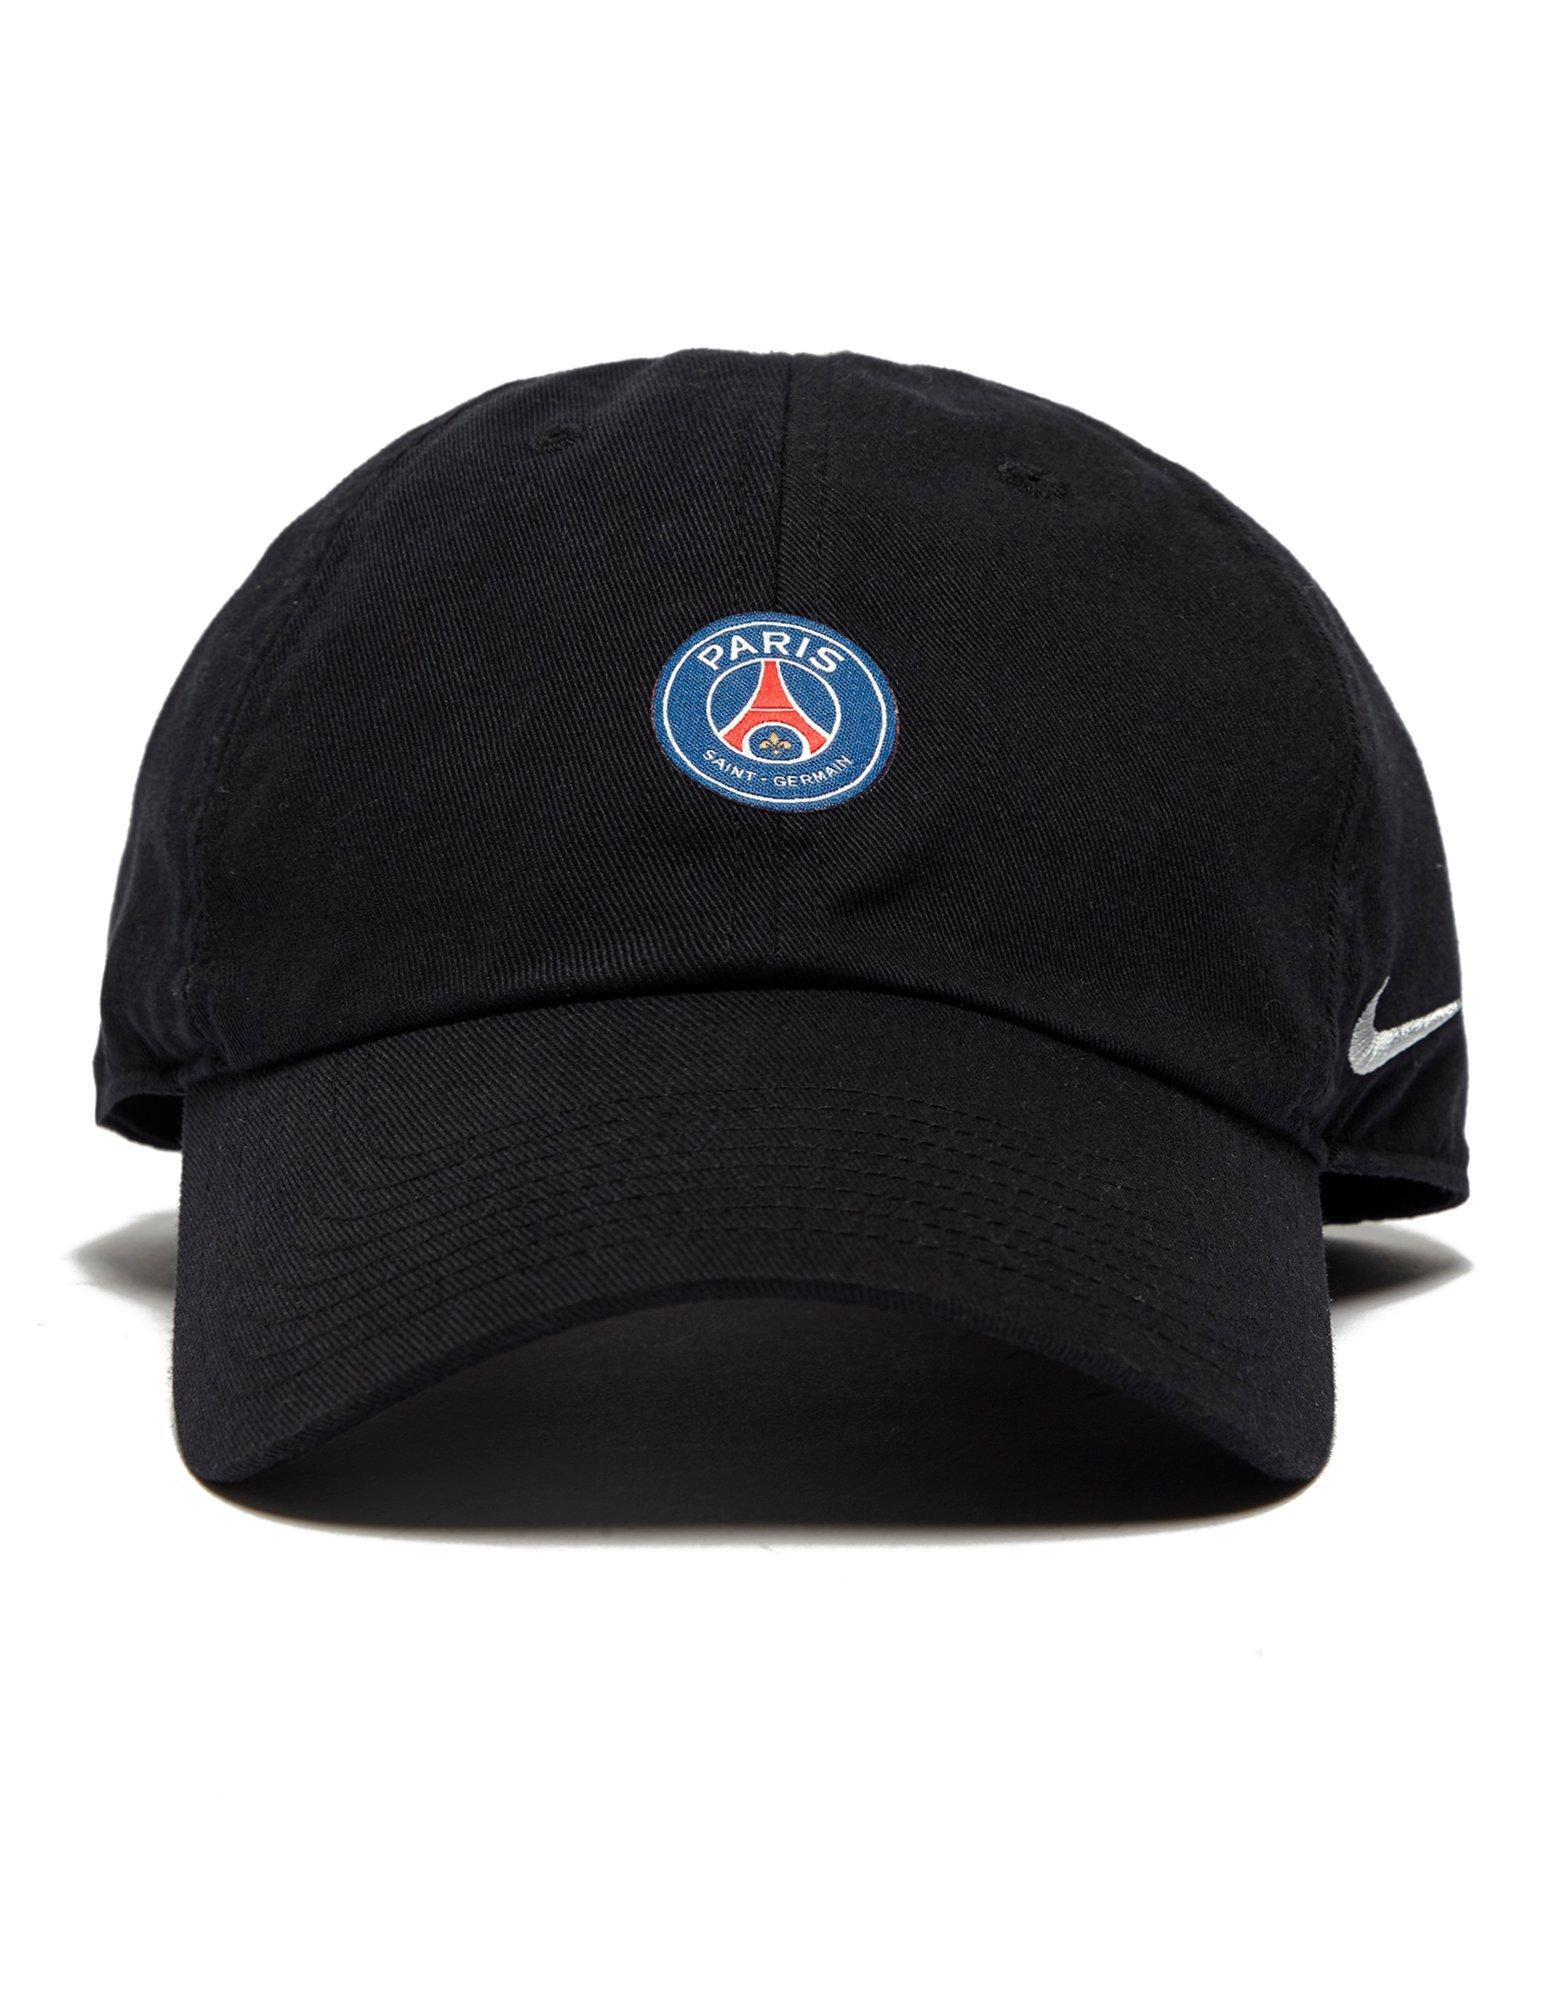 Lyst - Nike Paris Saint Germain H86 Cap in Black for Men 9be6f3a3f82